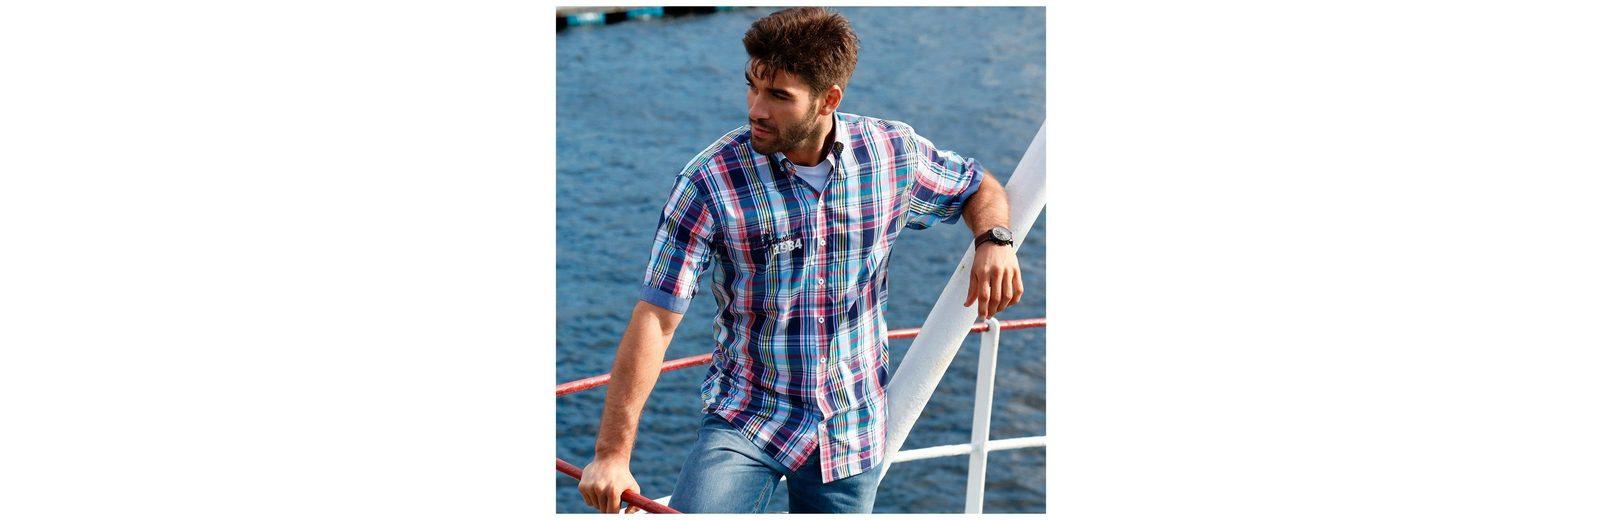 Jan Vanderstorm Kurzarmhemd NORDOLF Aaa Qualität Low-Cost Online Top-Qualität Verkauf Online Billig Verkauf Heißen Verkauf XYpBU